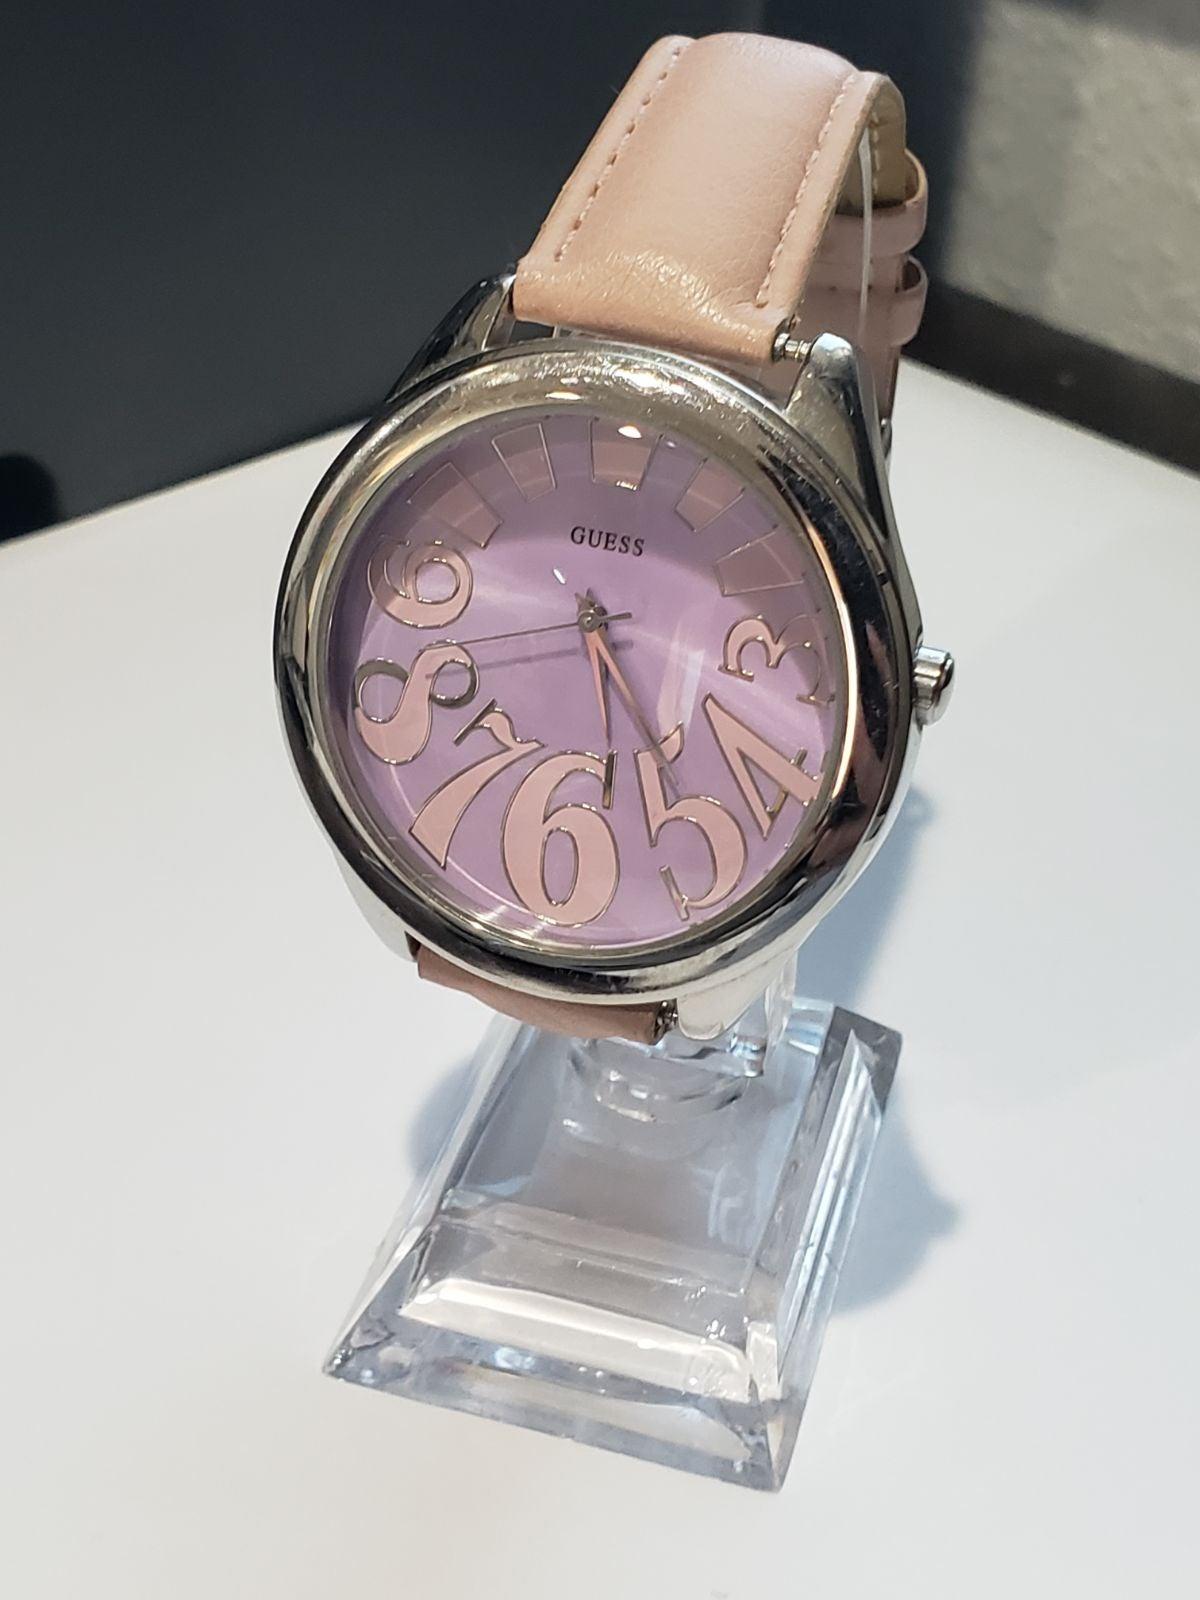 Guess quartz large face wristwatch